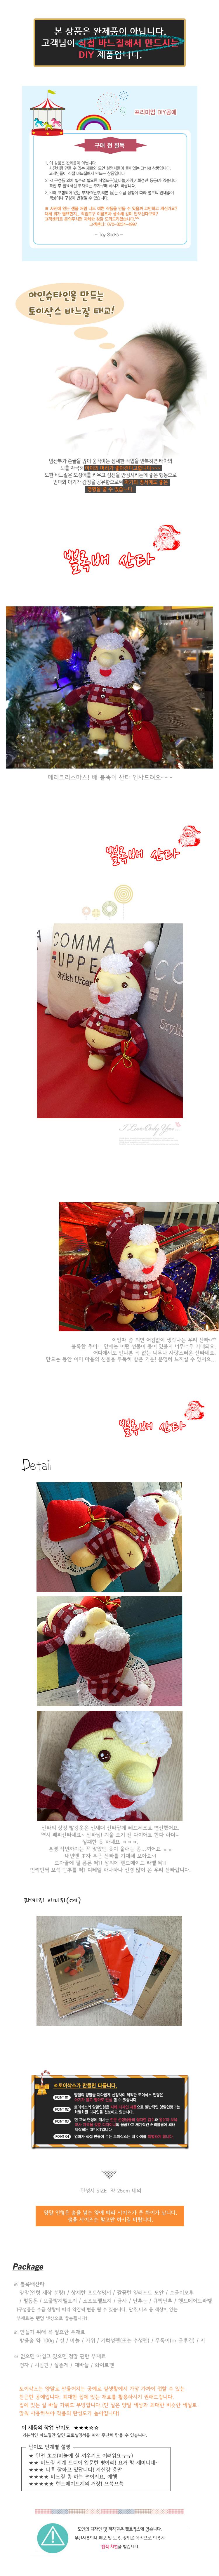 뽈록배 산타 양말인형만들기 - 펠트박스, 10,800원, 퀼트/원단공예, 인형 패키지